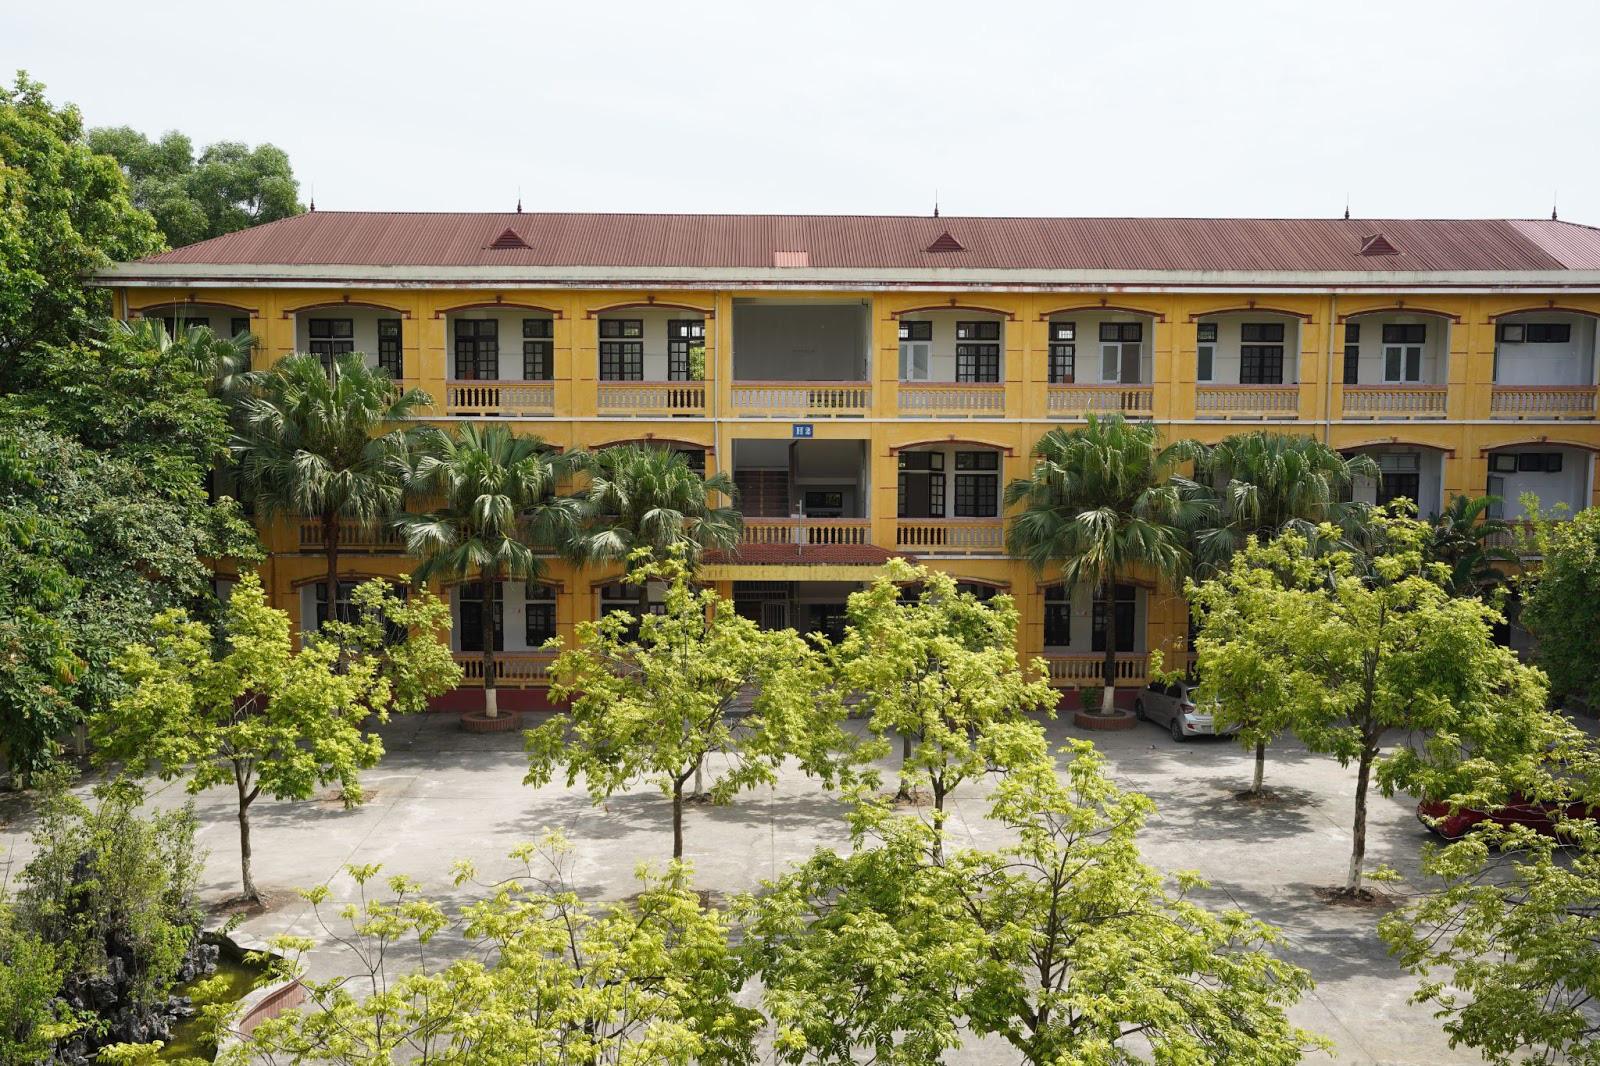 Diện mạo mới của ngôi trường 22 năm tuổi được đầu tư bởi Hệ thống giáo dục CEO Việt Nam High School - Ảnh 2.